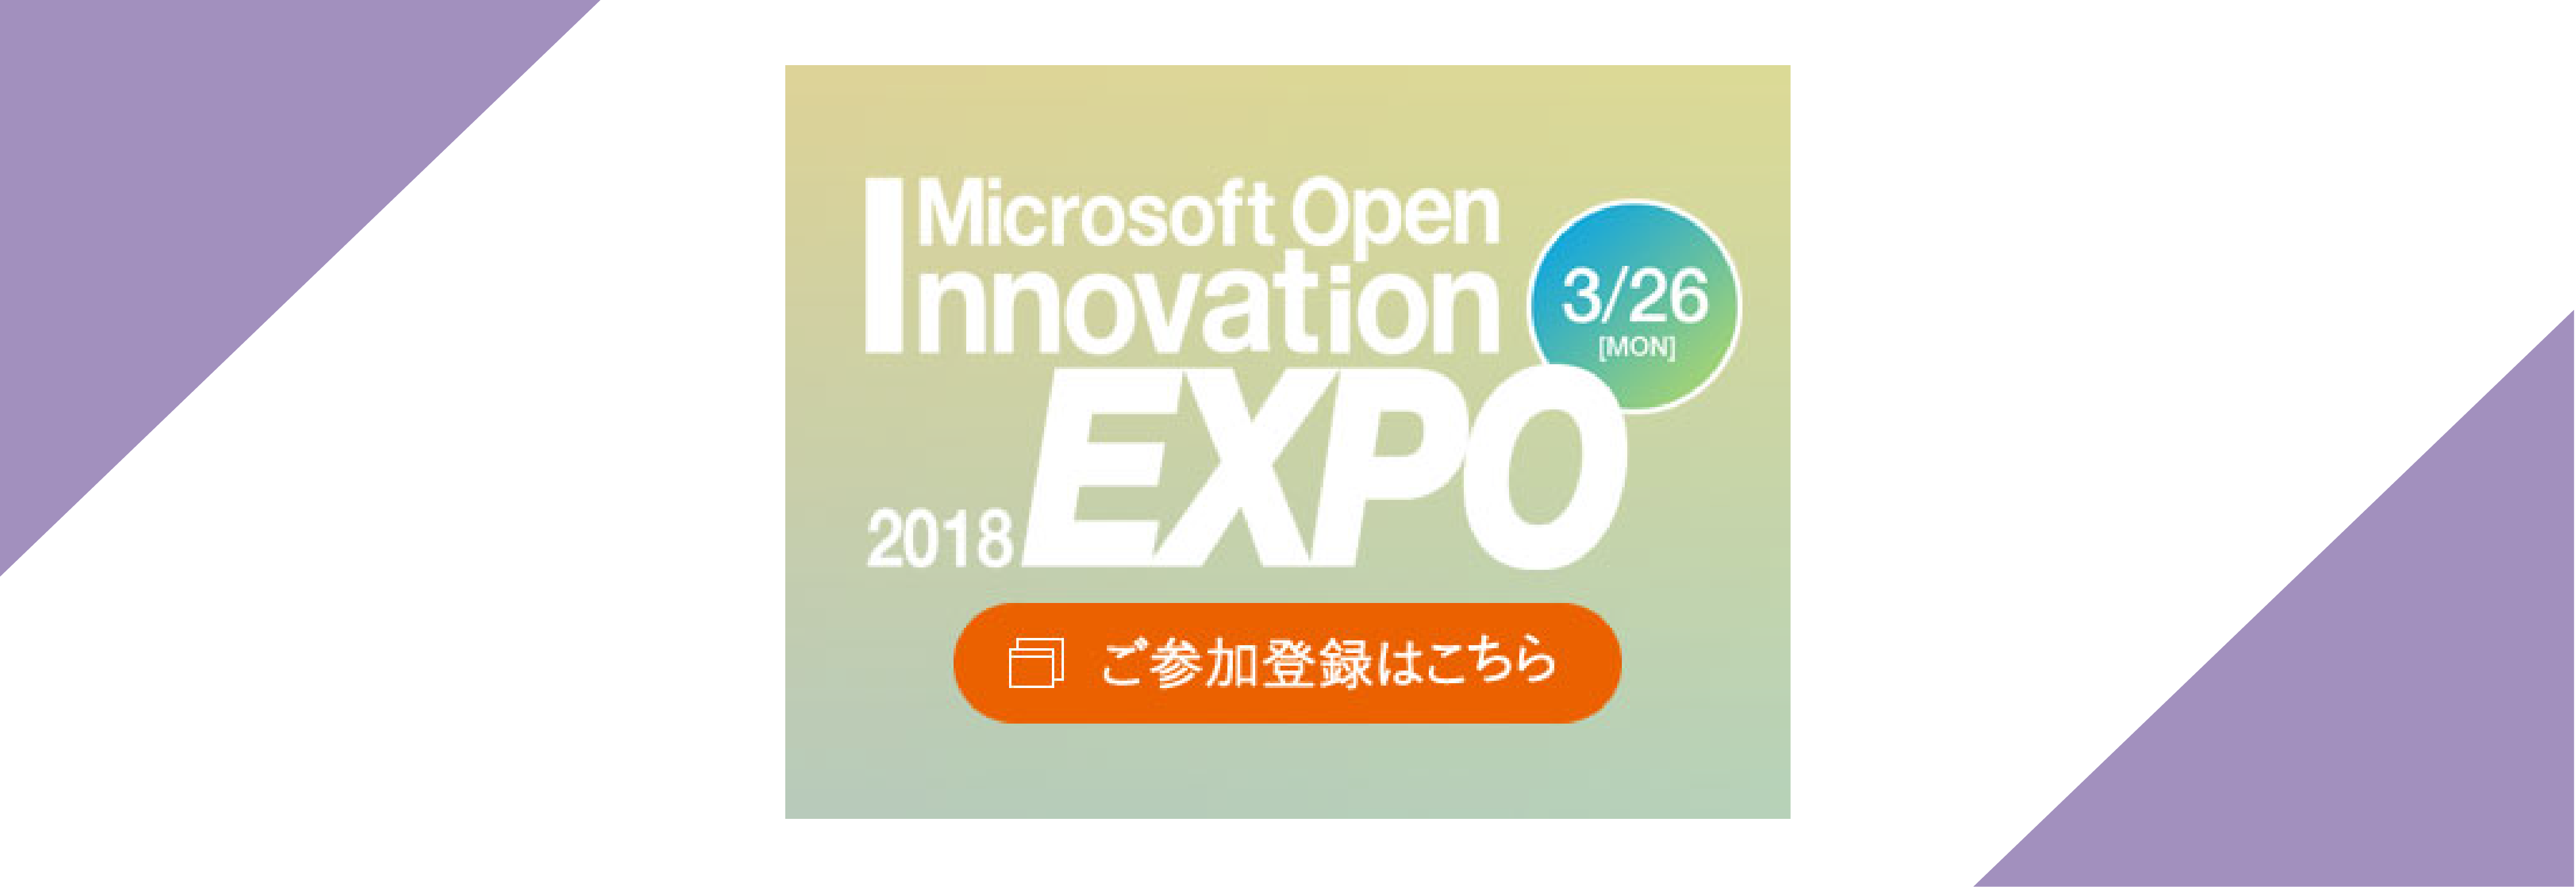 【終了】【イベント】Microsoft Open Innovation EXPOに出展参加します